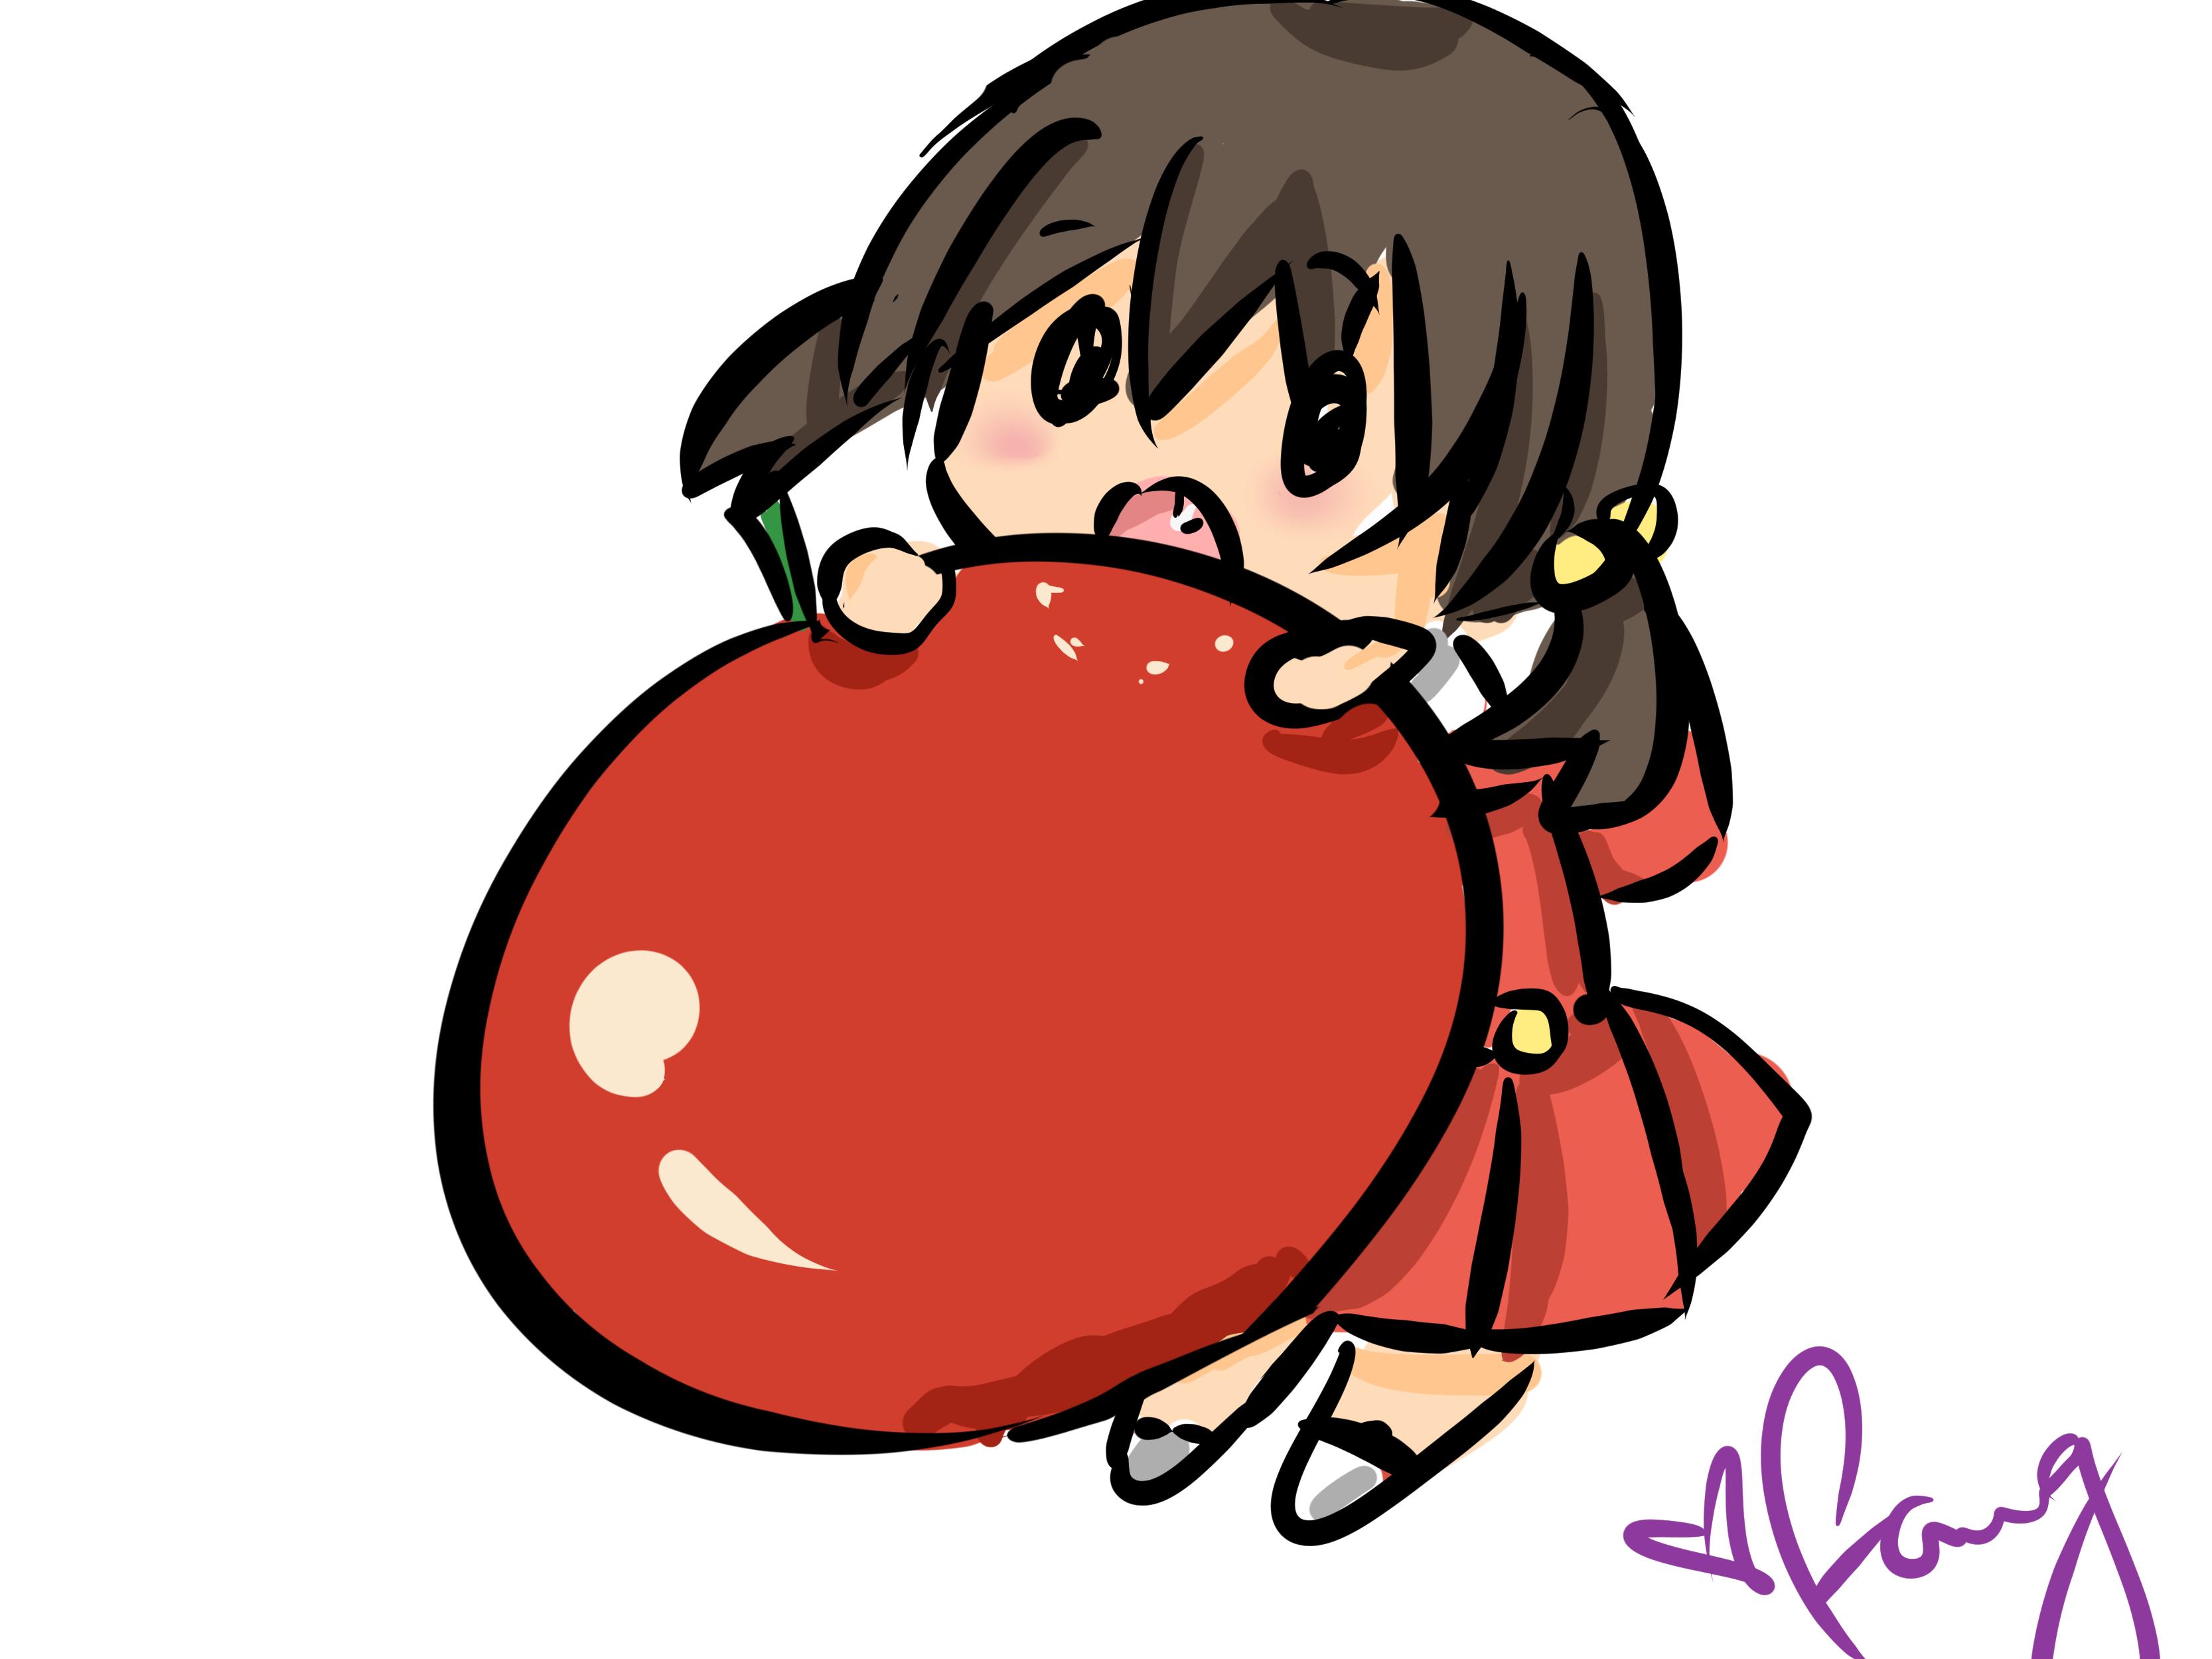 Chibi Kaai Yuki by FangtheCupcakeNinjaa on DeviantArt.